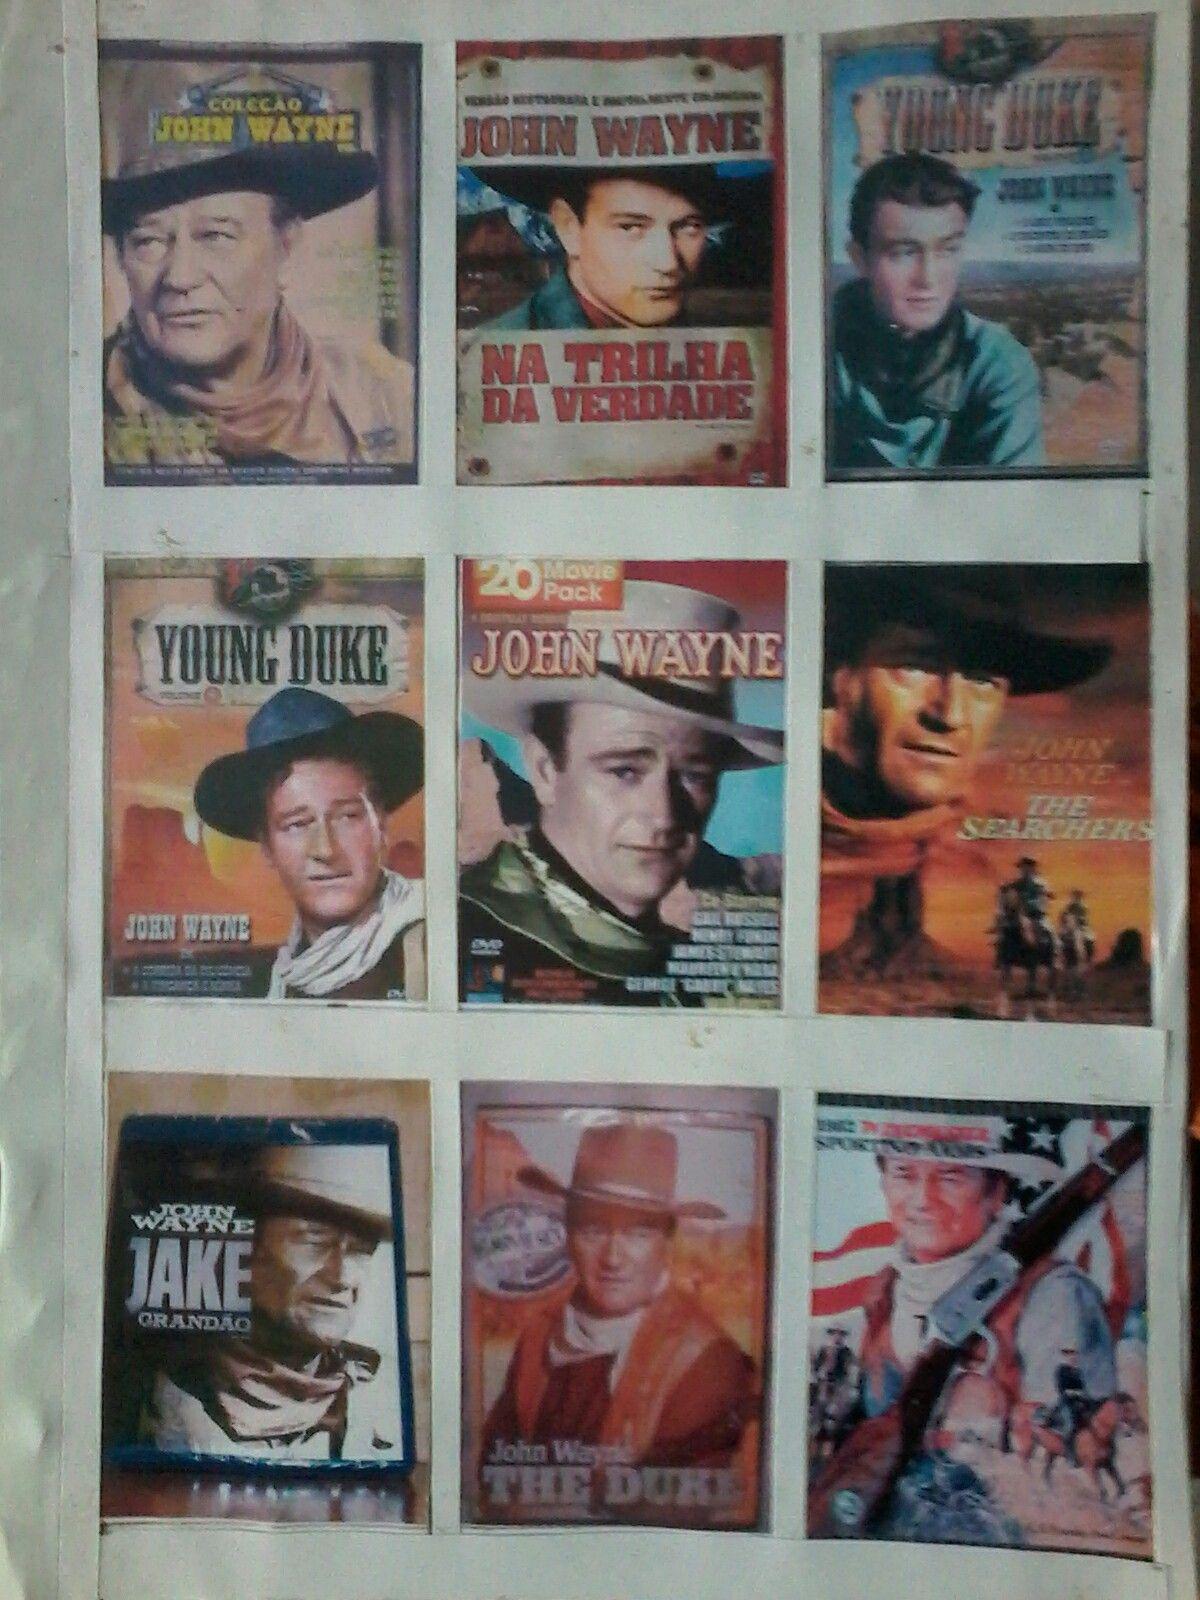 todos este filmes de john wayne assisti em cinema ou TV dvd